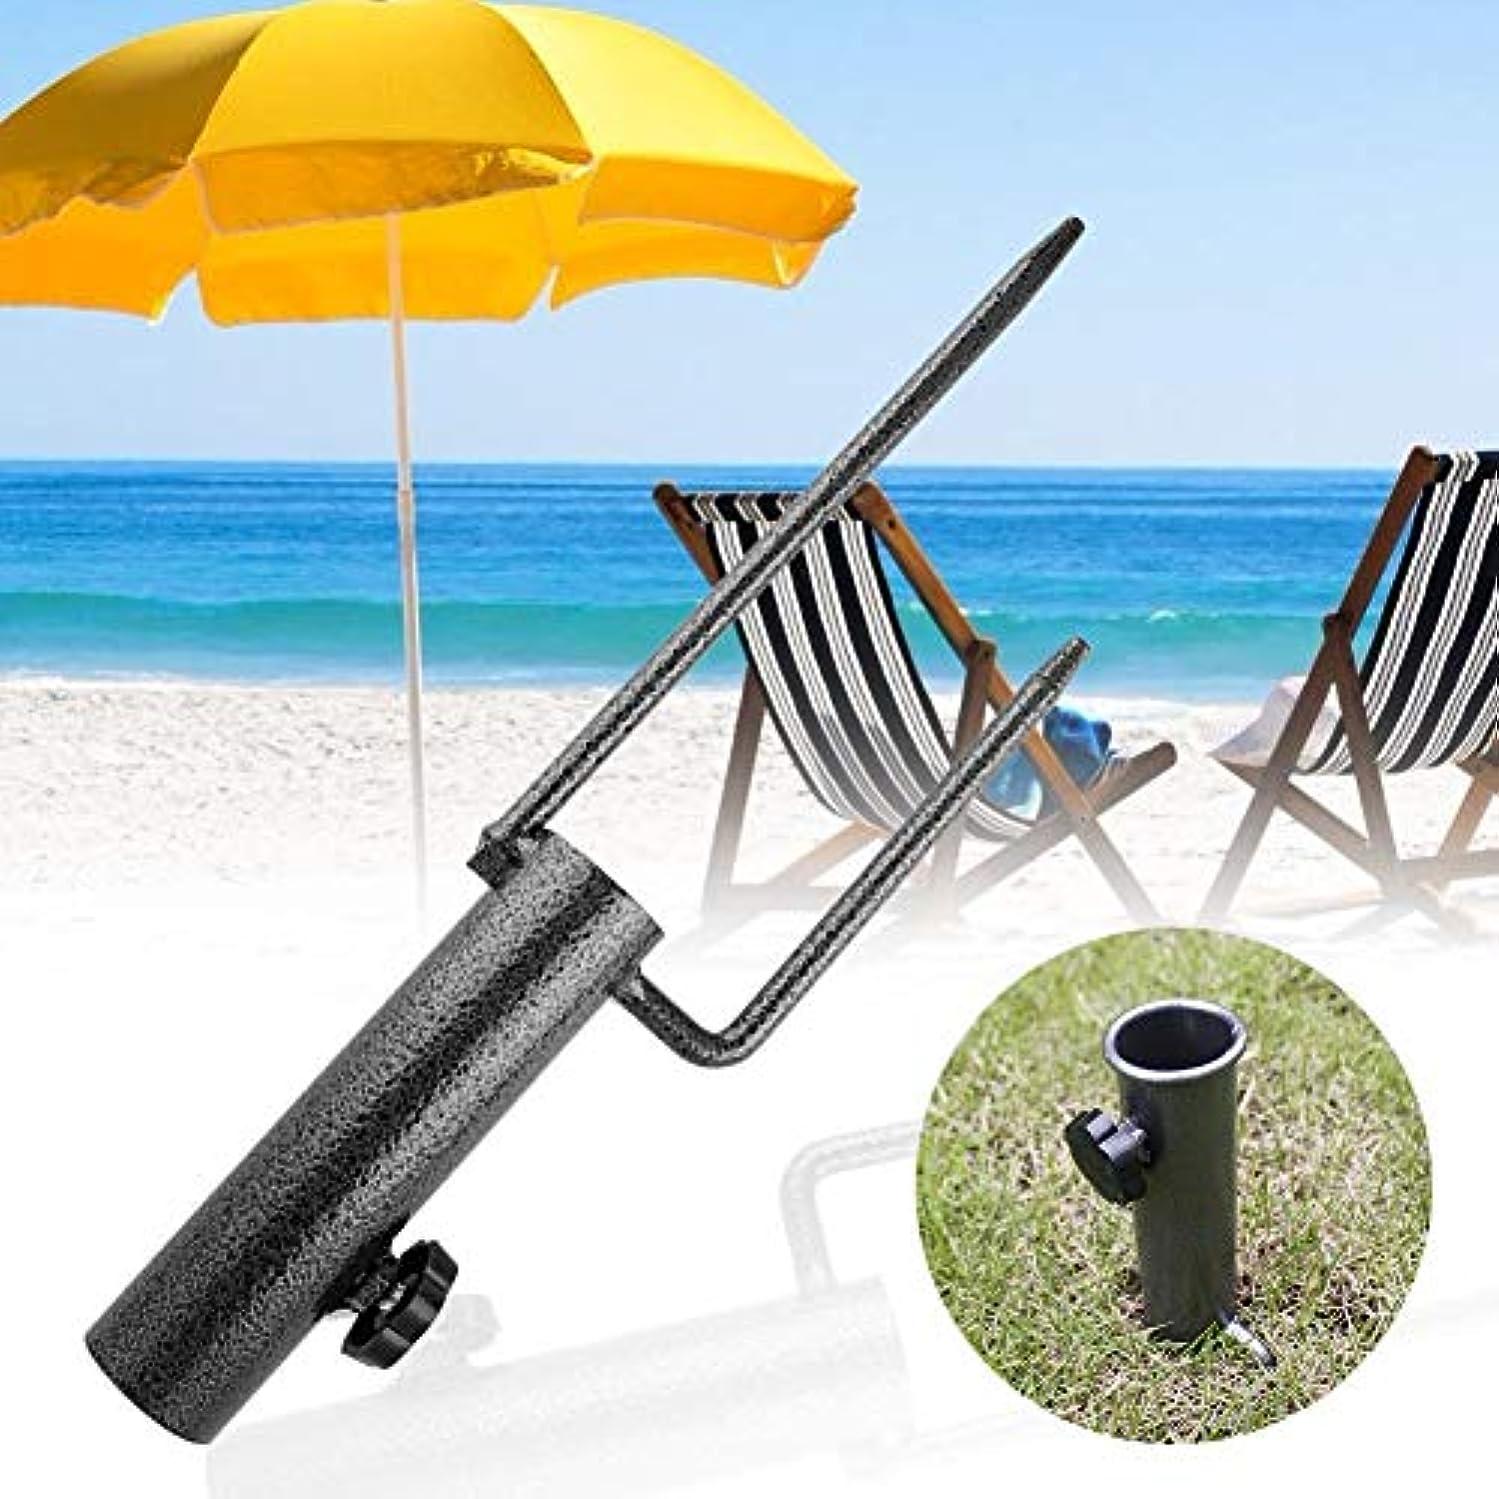 乳製品定期的パスタSalinr スチールベースパラソル用 ビーチパラソルスタンド 持ち運び軽く、ねじ込みやすく、簡単設置で倒れにくい 安定 防風 日焼けカット紫外線対策 海水浴/キャンプ/BBQ必需品 海水浴 庭 BBQ 強風でも倒れない